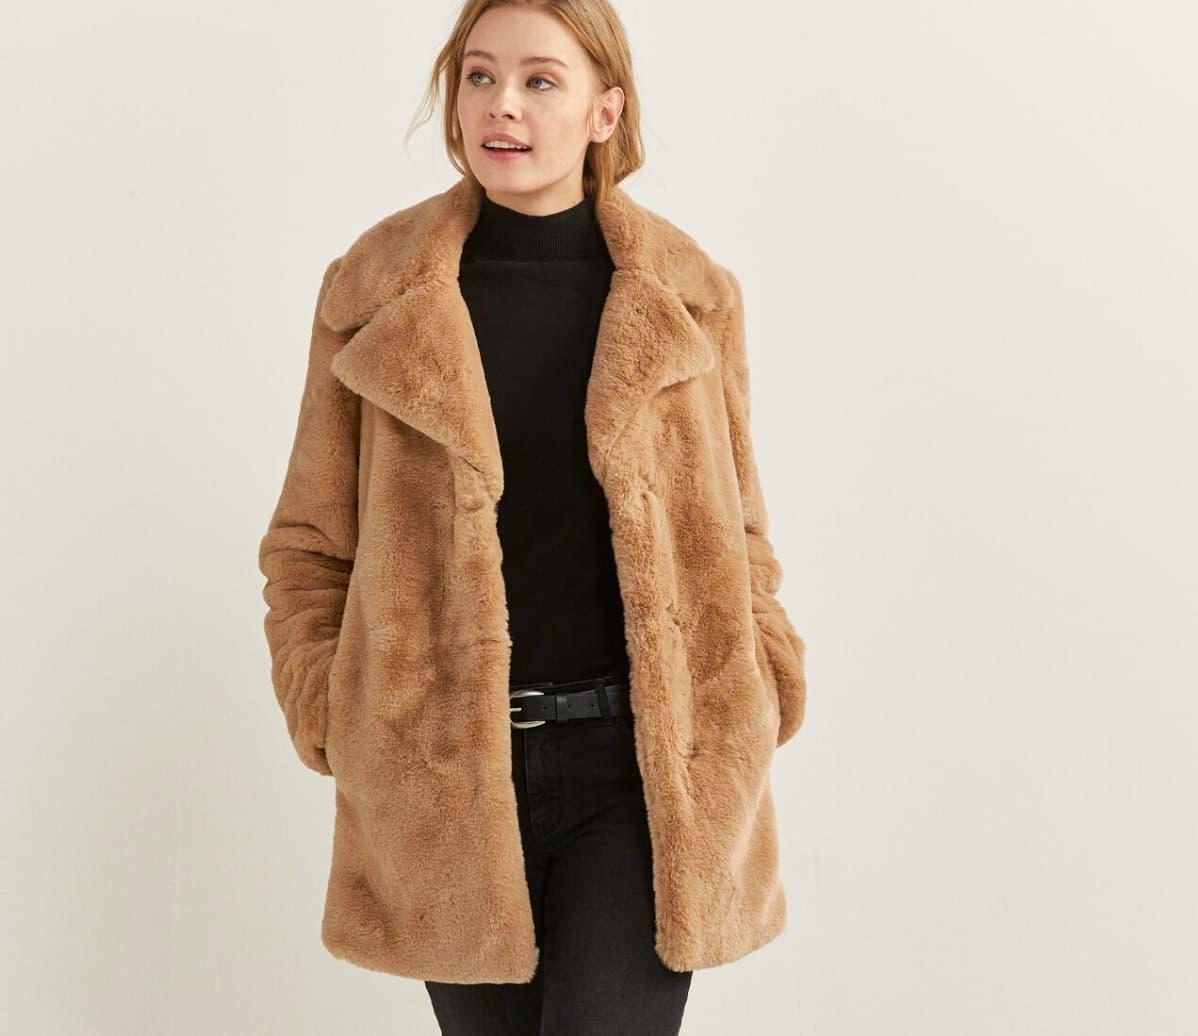 Abrigo con cuello con solapa, con bolsillos en los laterales, con cierre de botones cubiertos con tapeta.